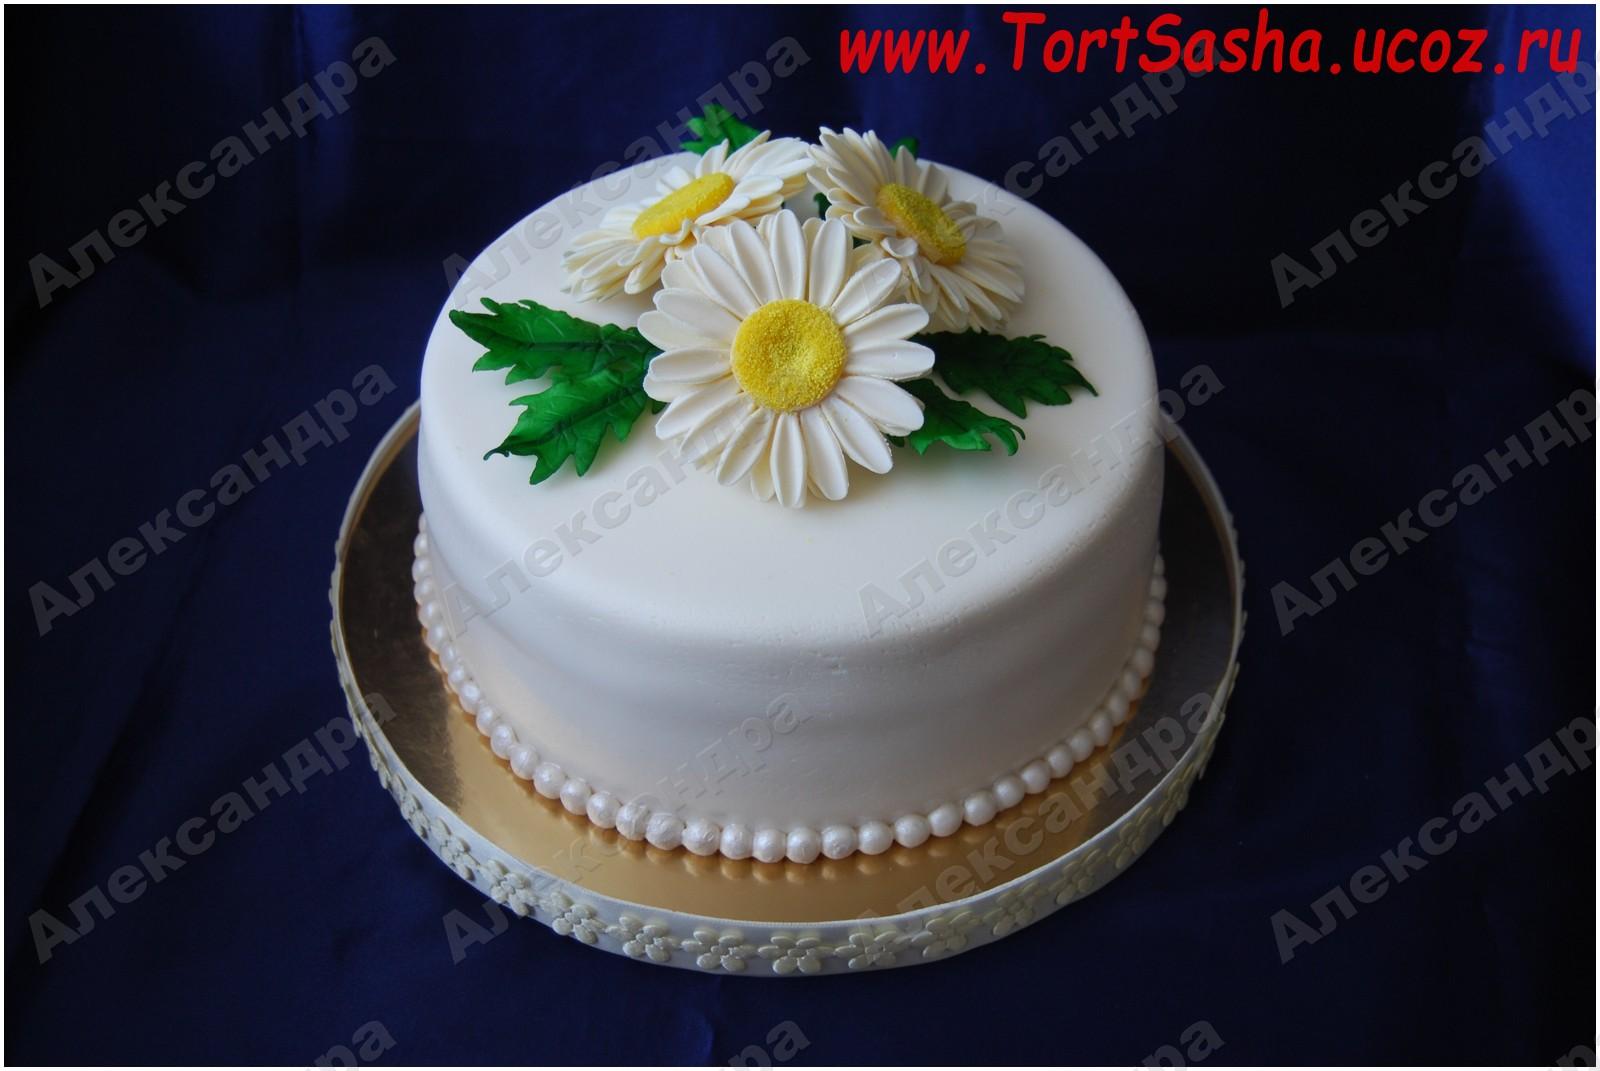 Мастичные торты фото лучшие торты